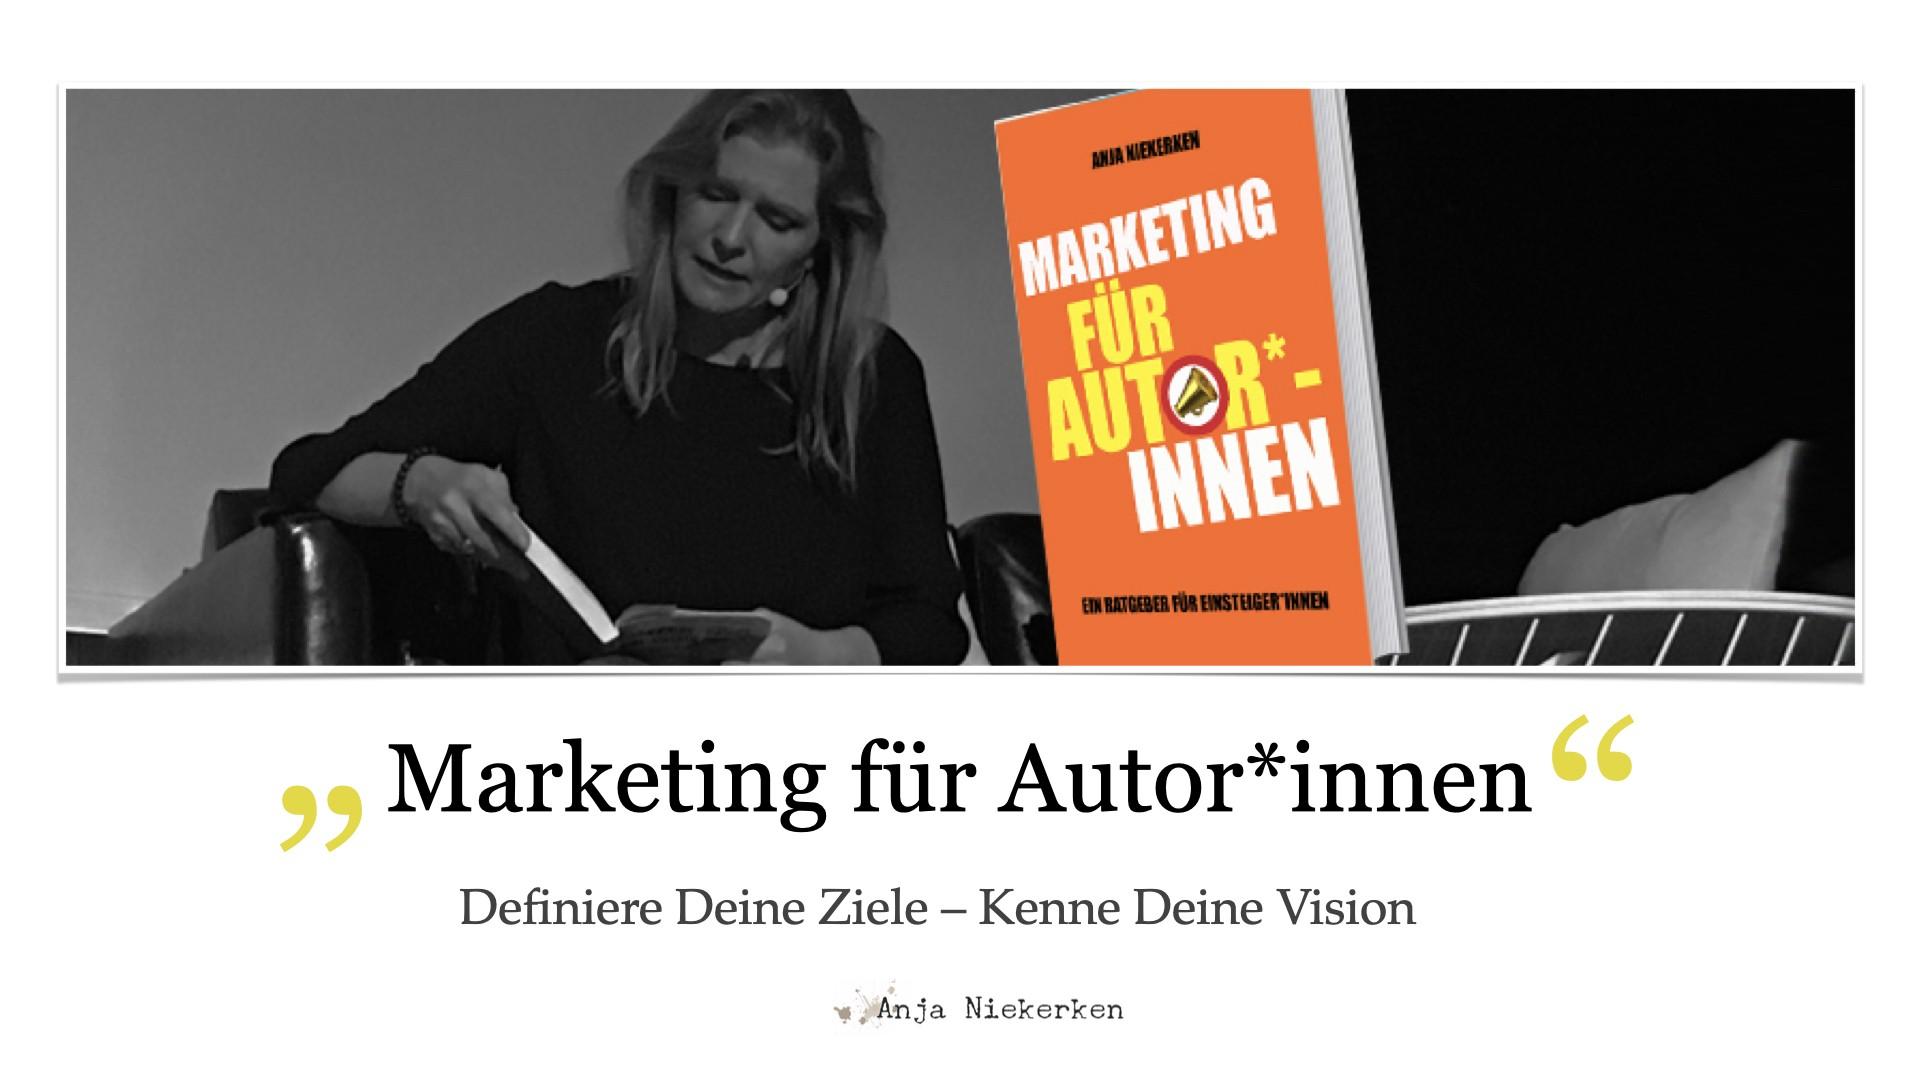 """Vorschau auf den Onlinekurs """"Marketing für Autor*innen"""""""